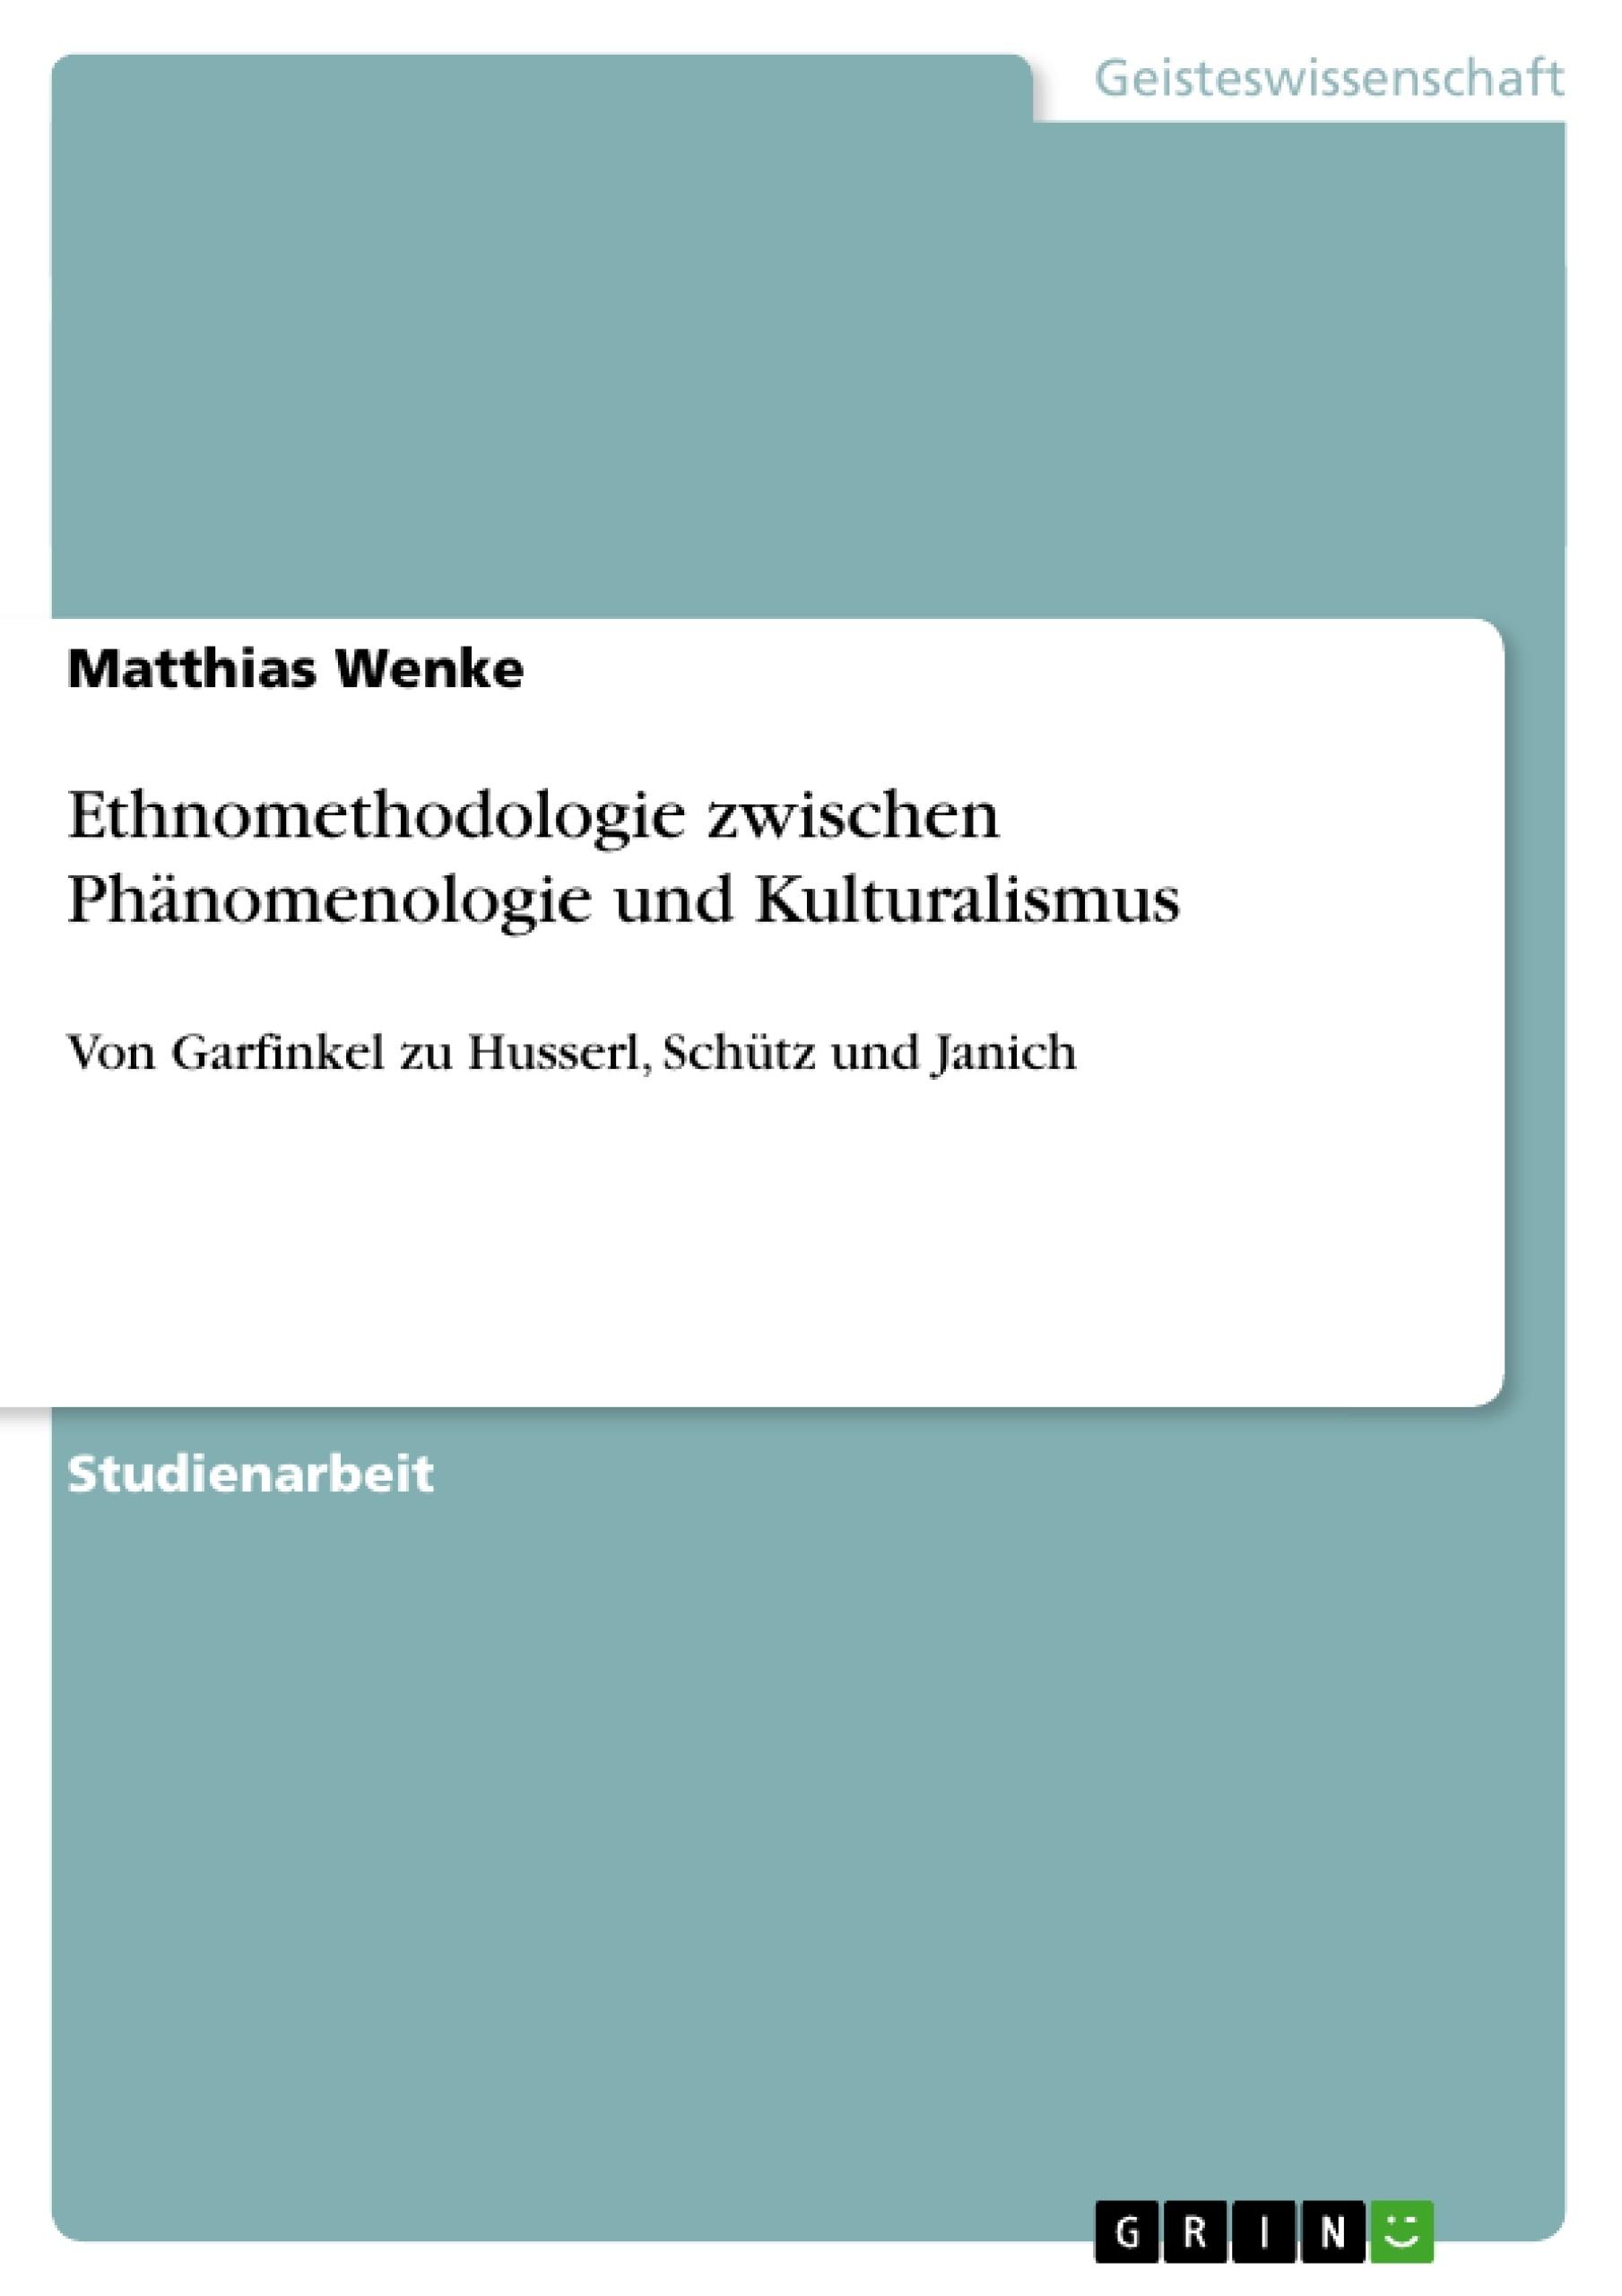 Titel: Ethnomethodologie zwischen Phänomenologie und Kulturalismus